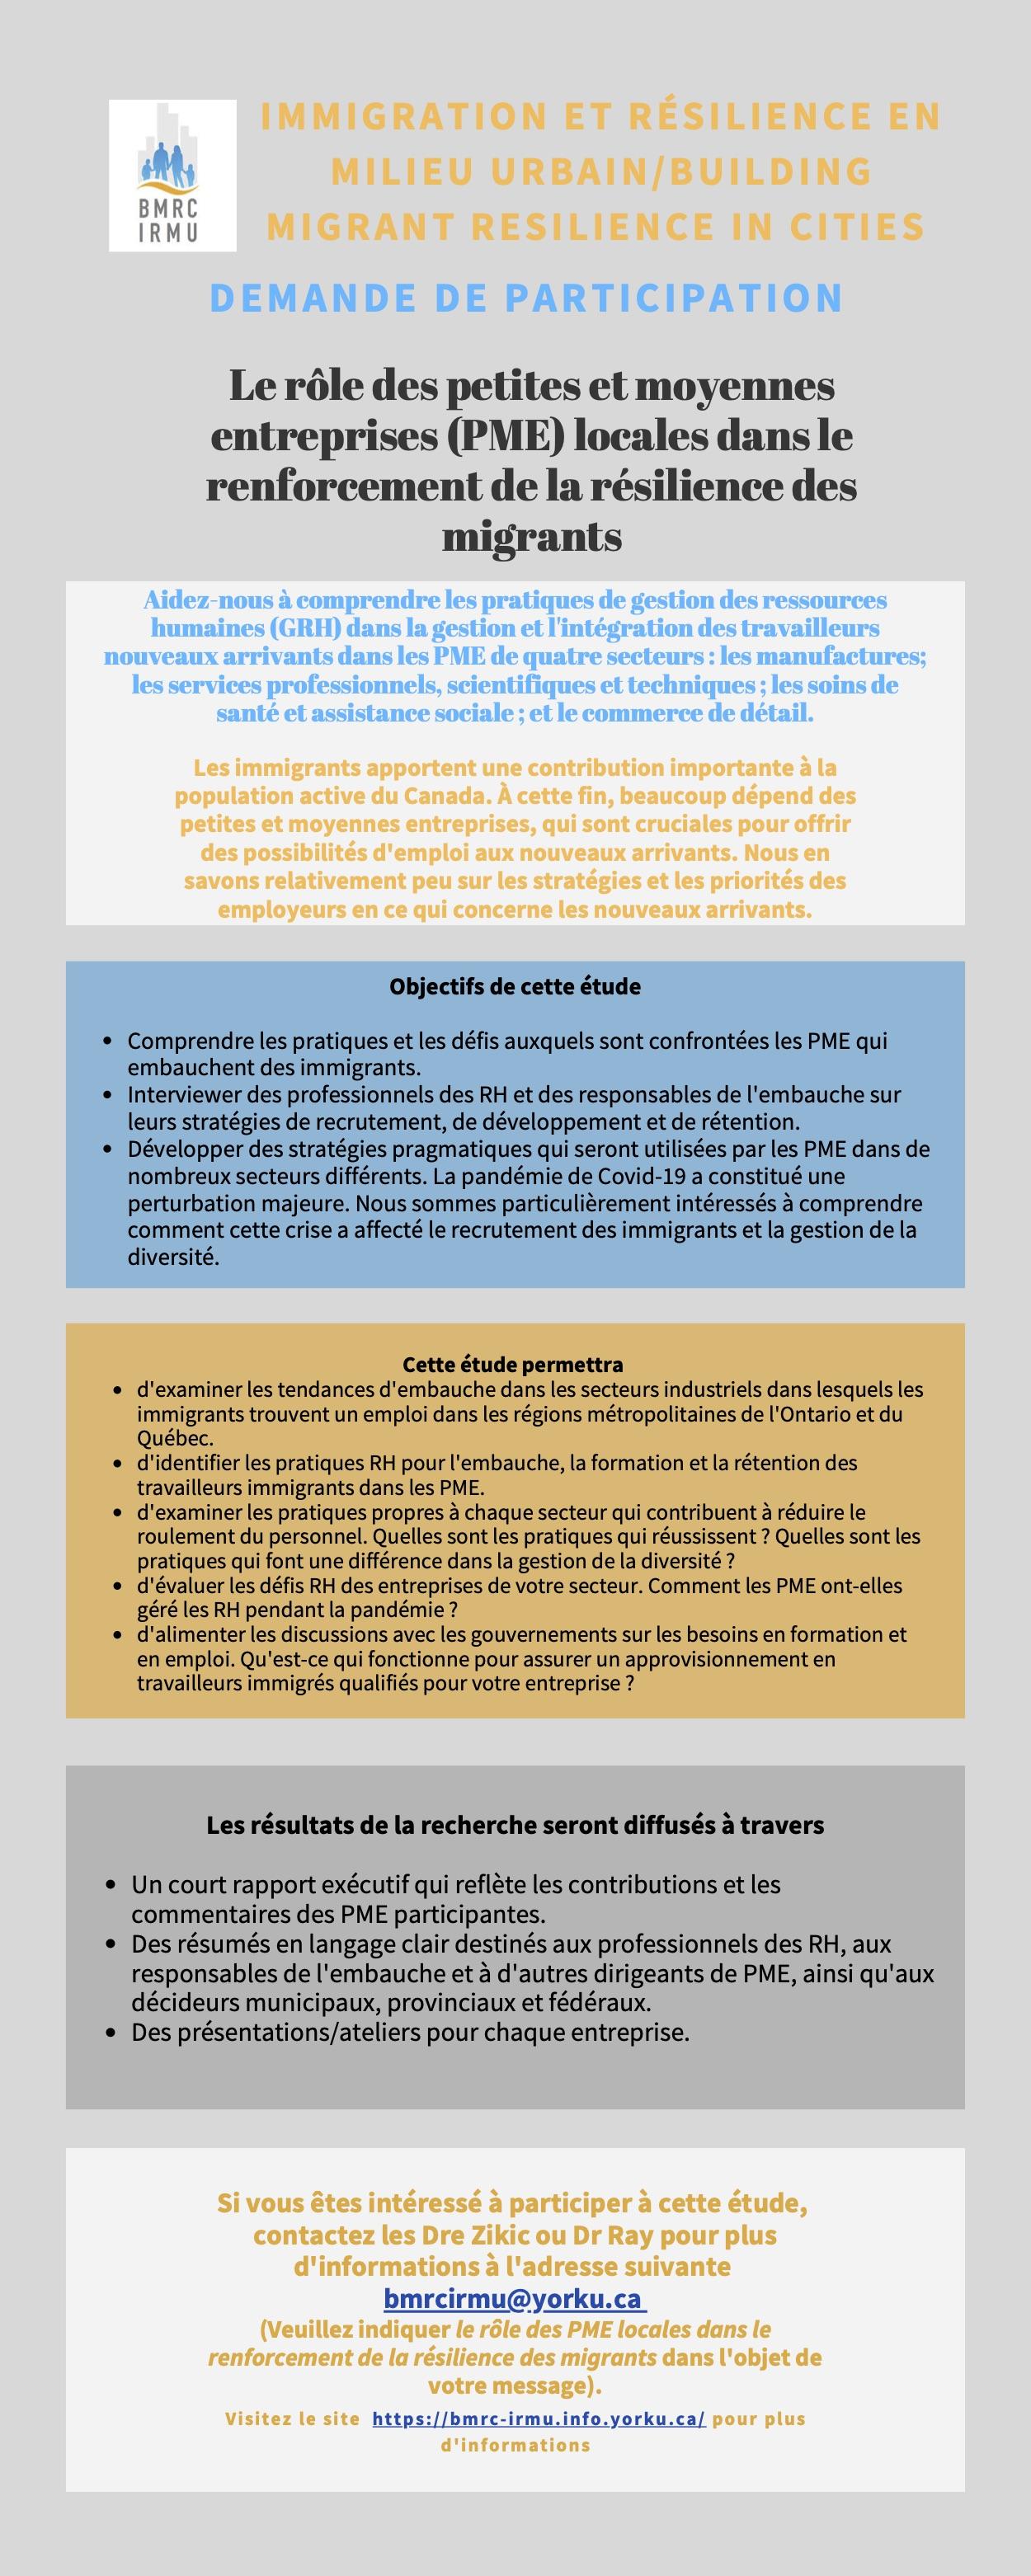 Le rôle des petites et moyennes entreprises (PME) locales dans le renforcement de la résilience des migrants